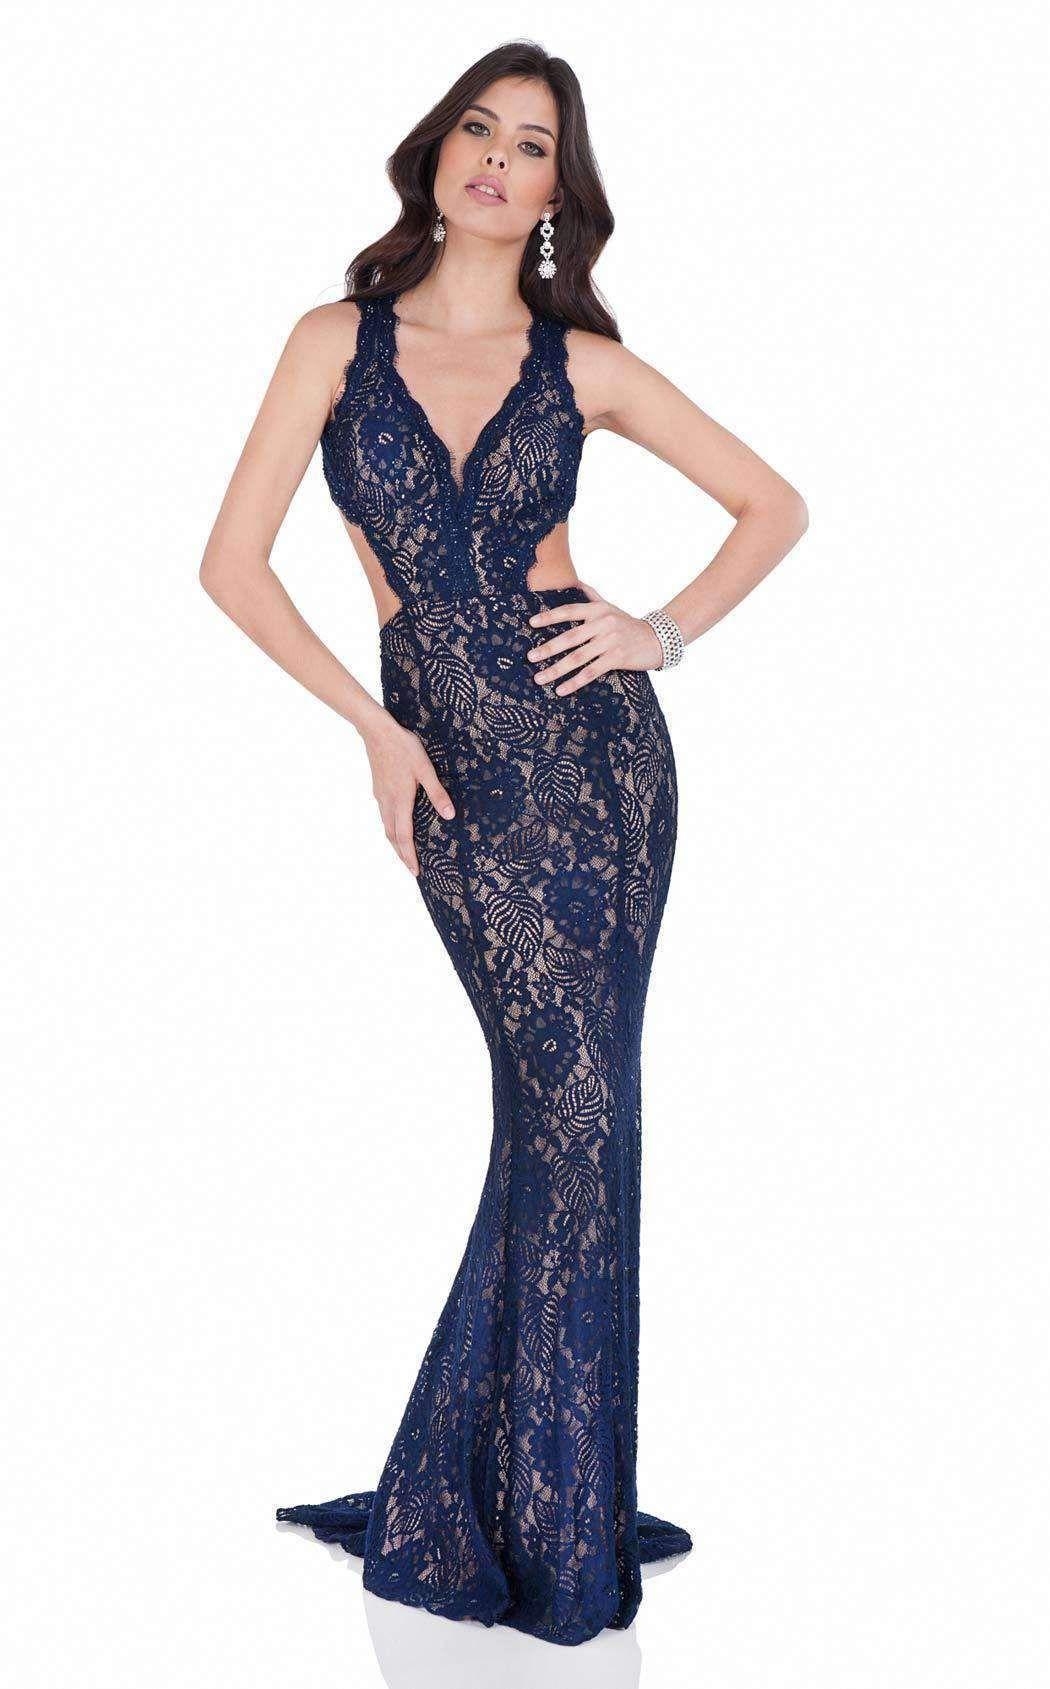 Terani E in Dresses Pinterest Gowns Terani